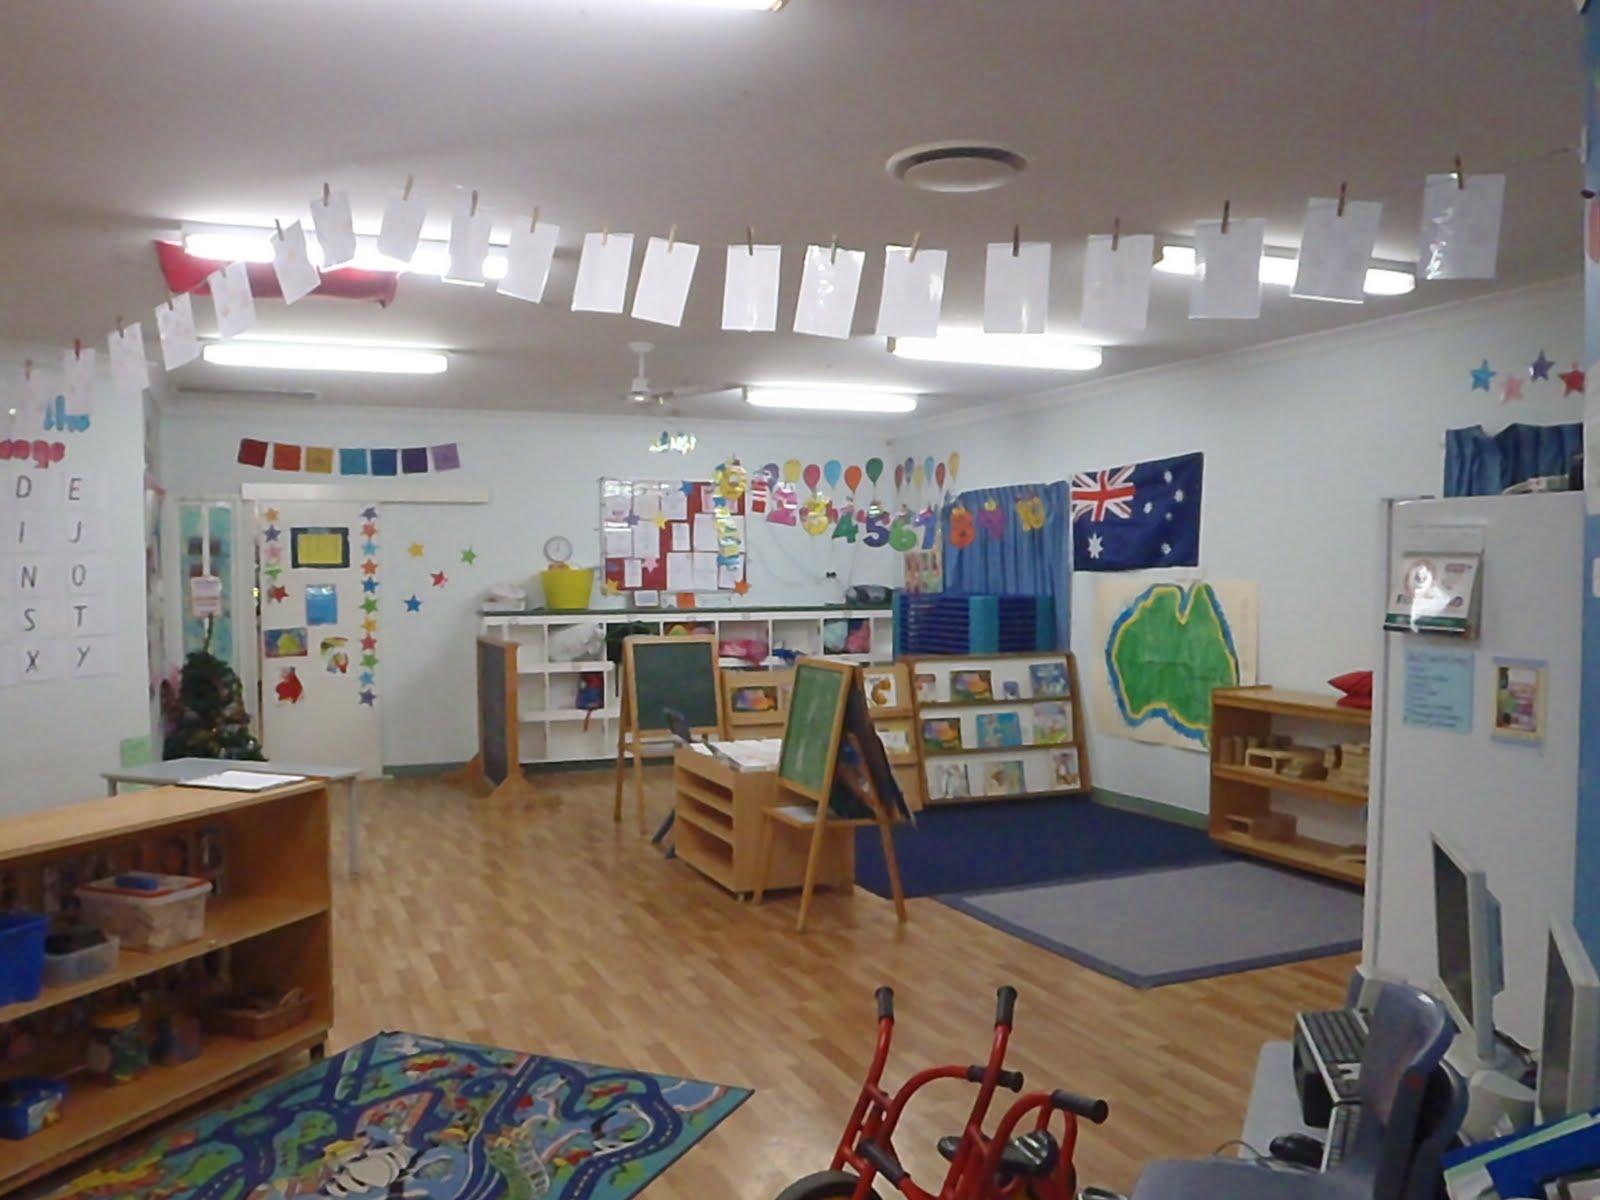 preschool classroom arrangement pictures learning with the 5s preschool classroom s 568